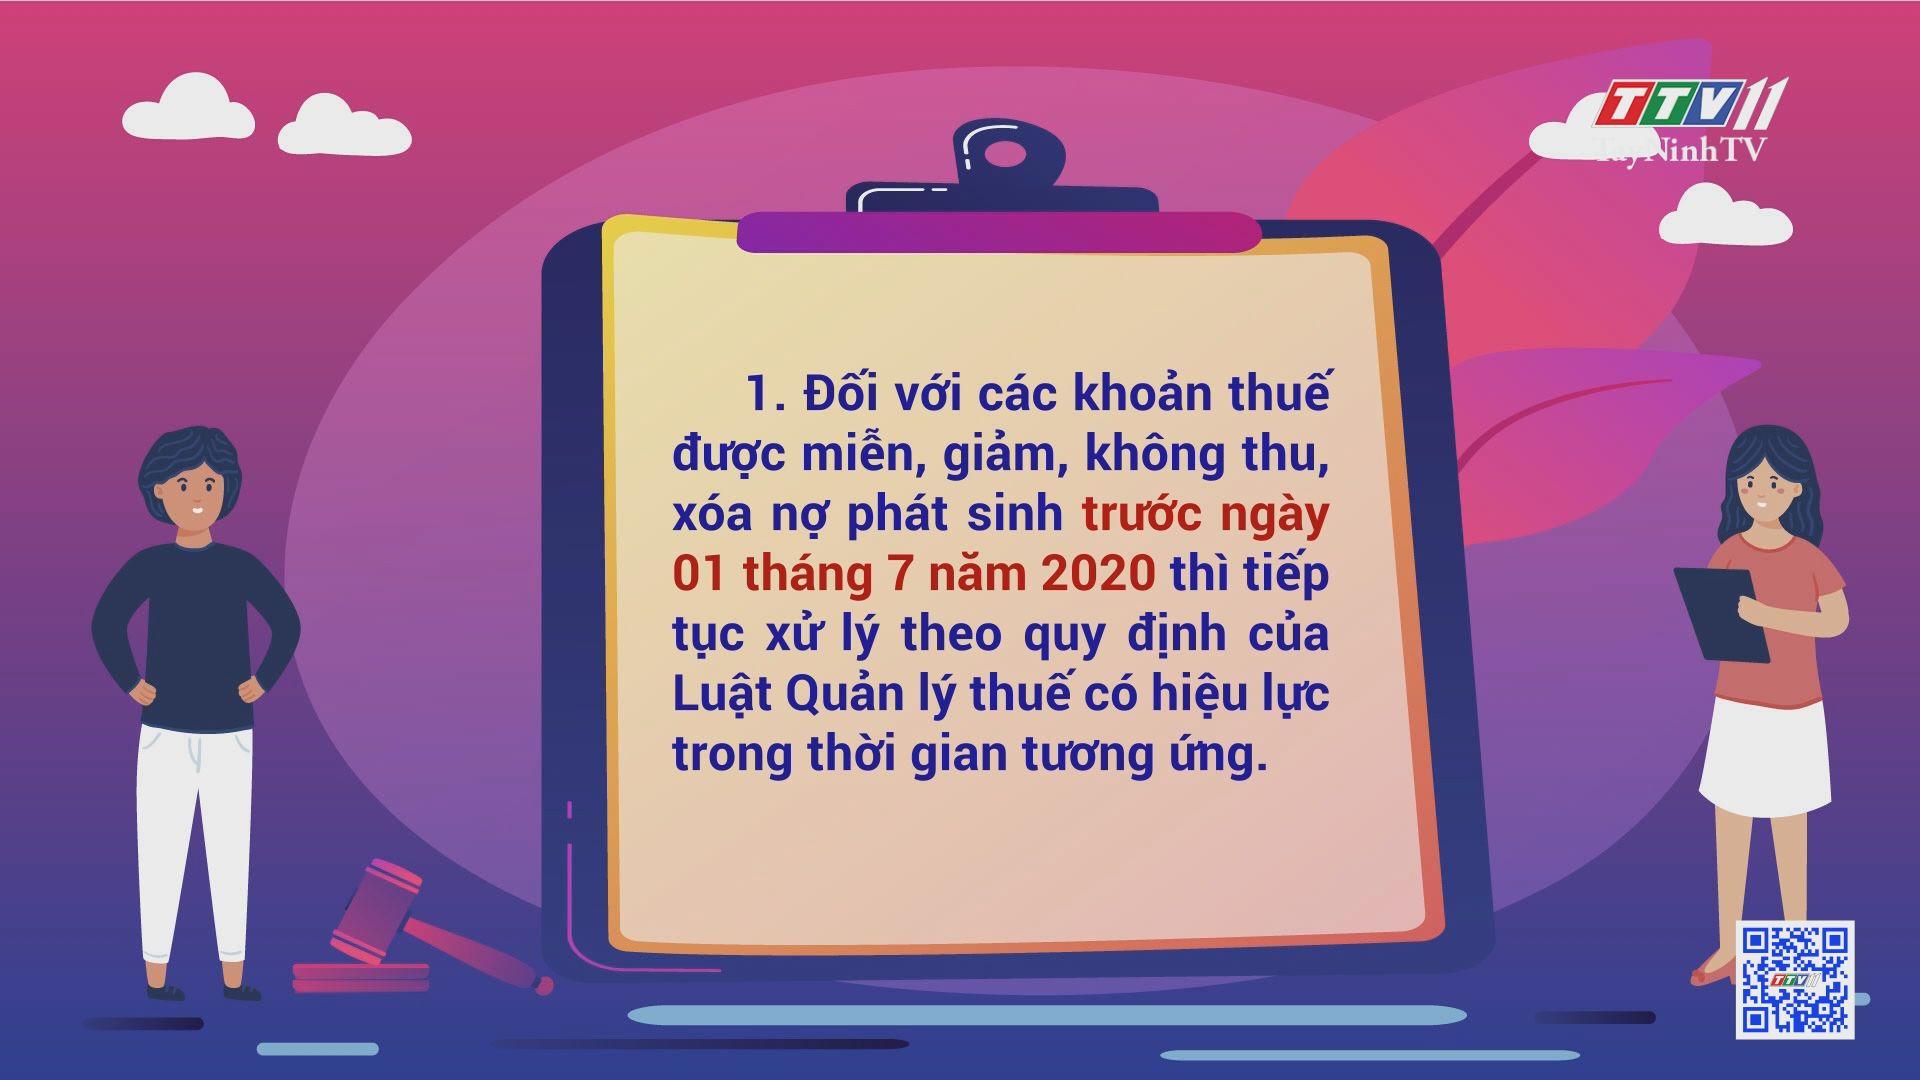 Một số nội dung mới của Nghị định số 126/2020/NĐ-CP Luật Quản lý thuế | THÔNG TIN PHÁP LUẬT THUẾ | TayNinhTV